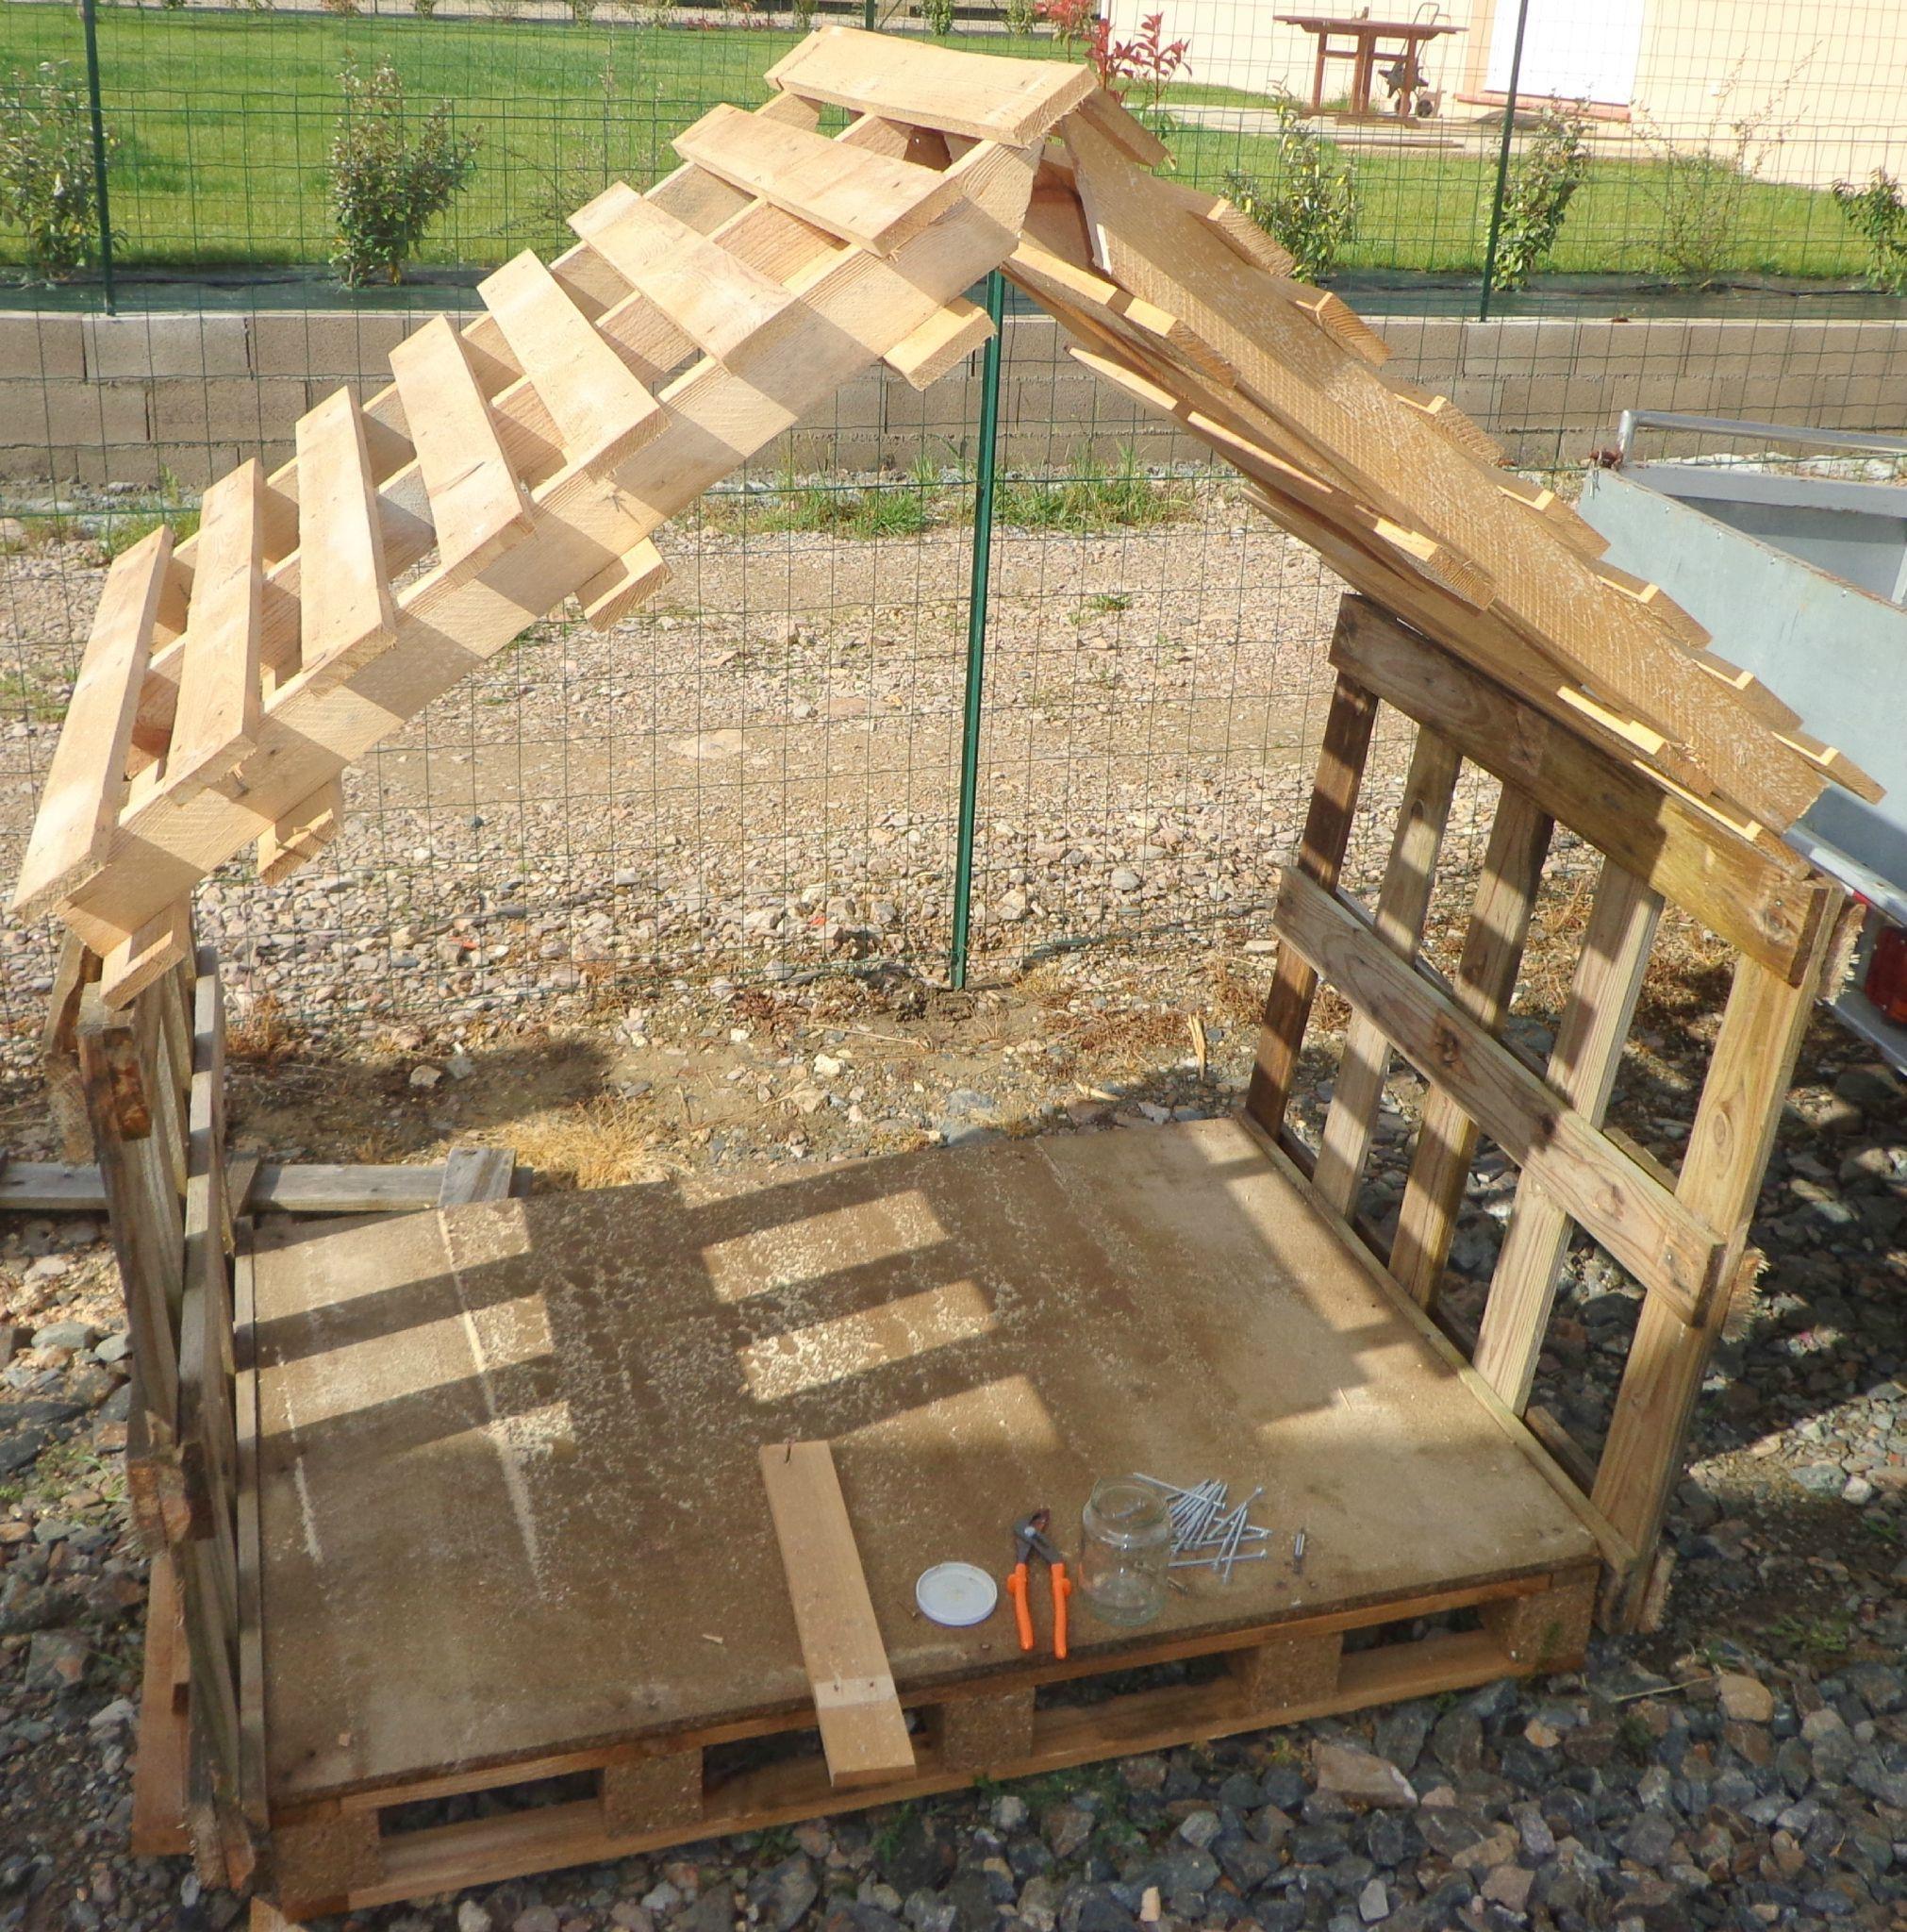 Cabane Enfant Ou Abris Chien - Recyclage Et Création ... tout Construire Son Abri De Jardin En Palette